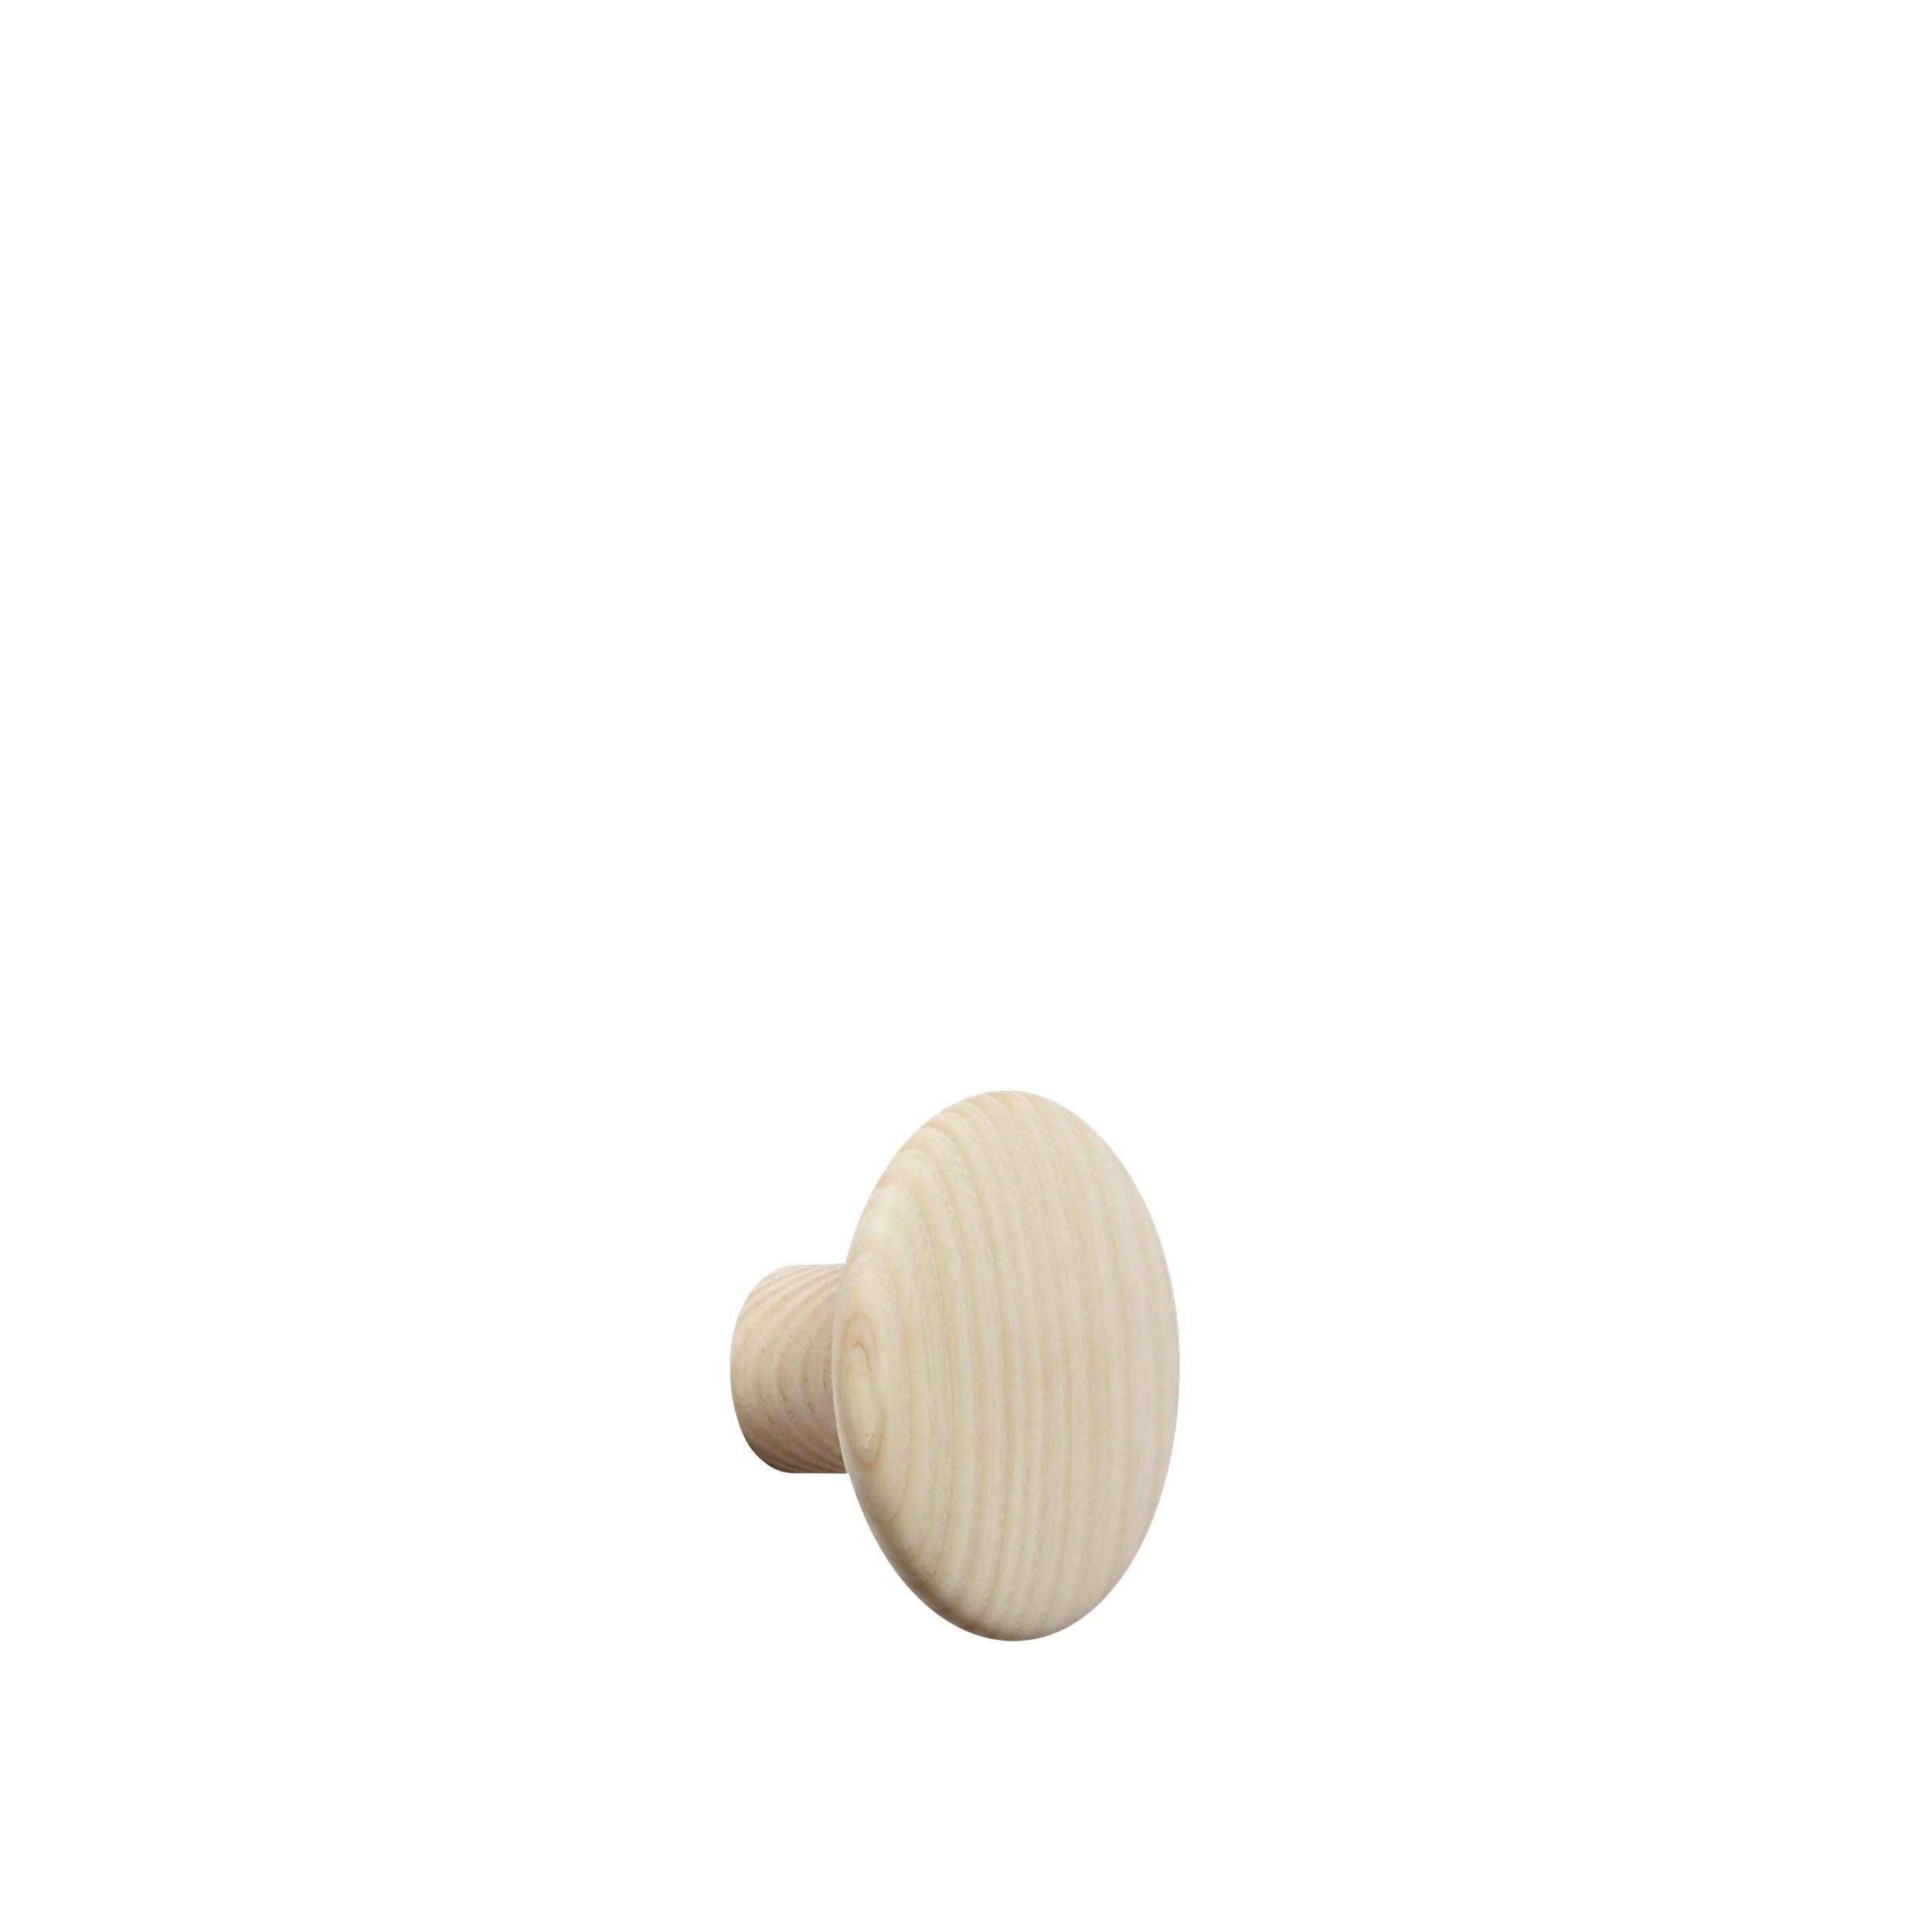 Dot wood small Ø 9 cm ash